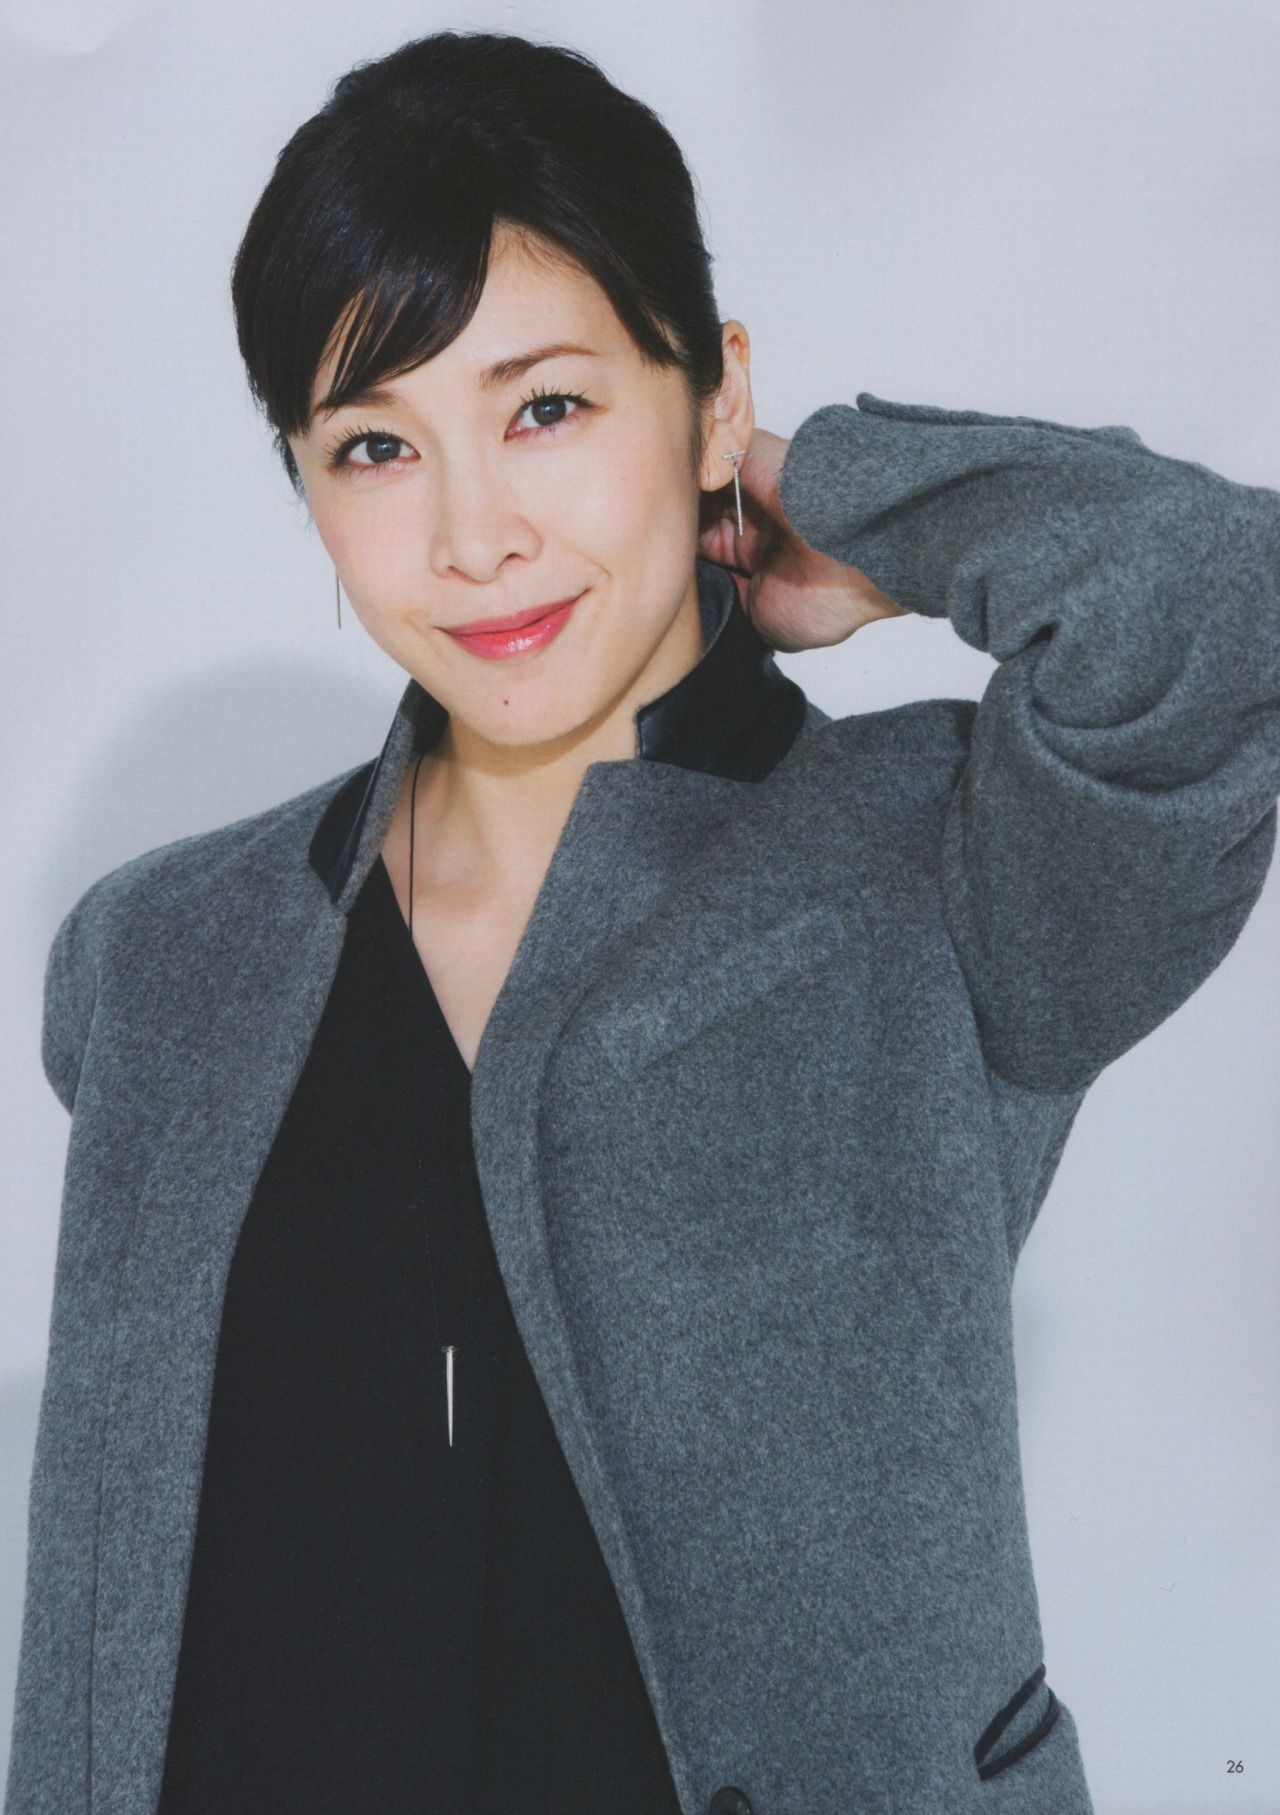 竹内結子yuko_takeuchi   女性モデル, 女性, 竹内 結子